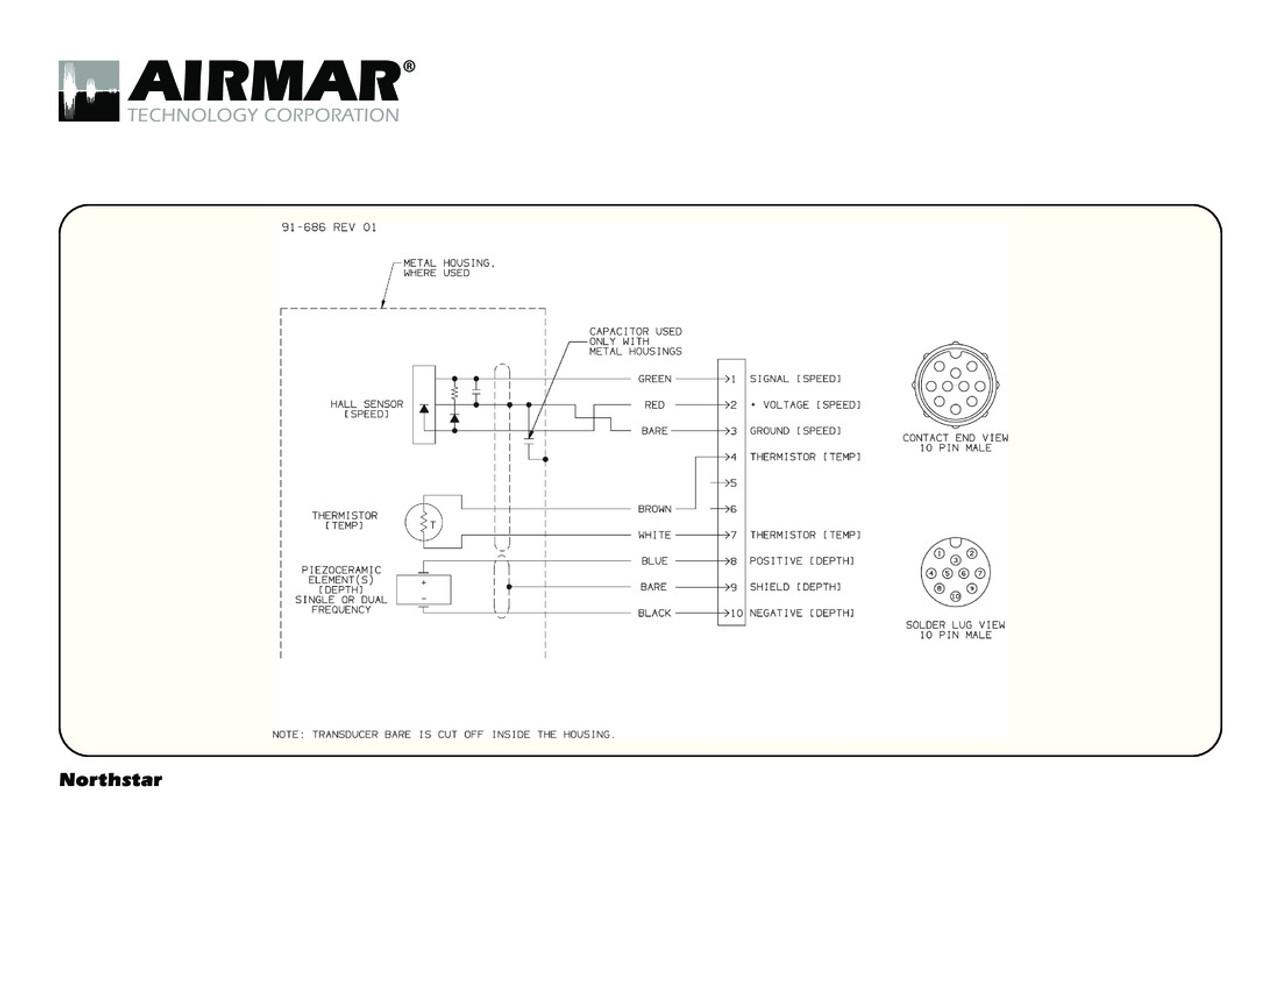 garmin 4 pinwiring diagram wiring diagram schemagps 4 pin wiring diagram wiring diagram data schema garmin [ 1280 x 989 Pixel ]